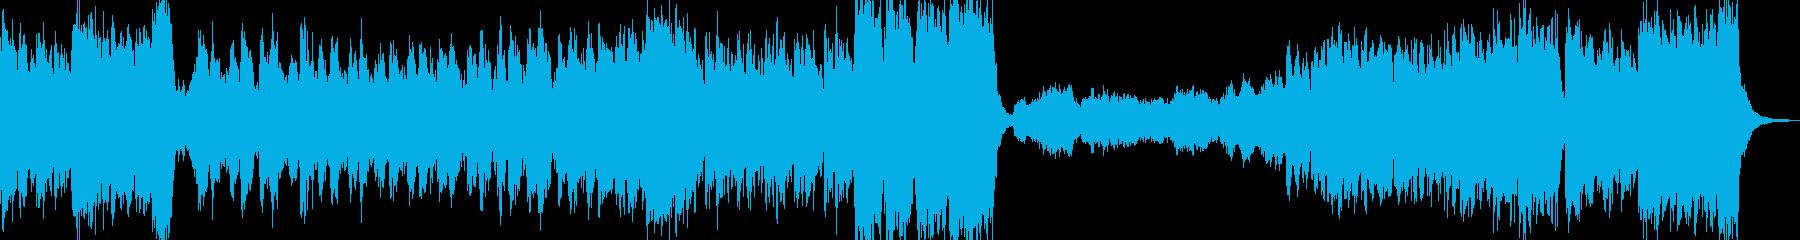 勇壮な和風オーケストラ戦闘曲の再生済みの波形